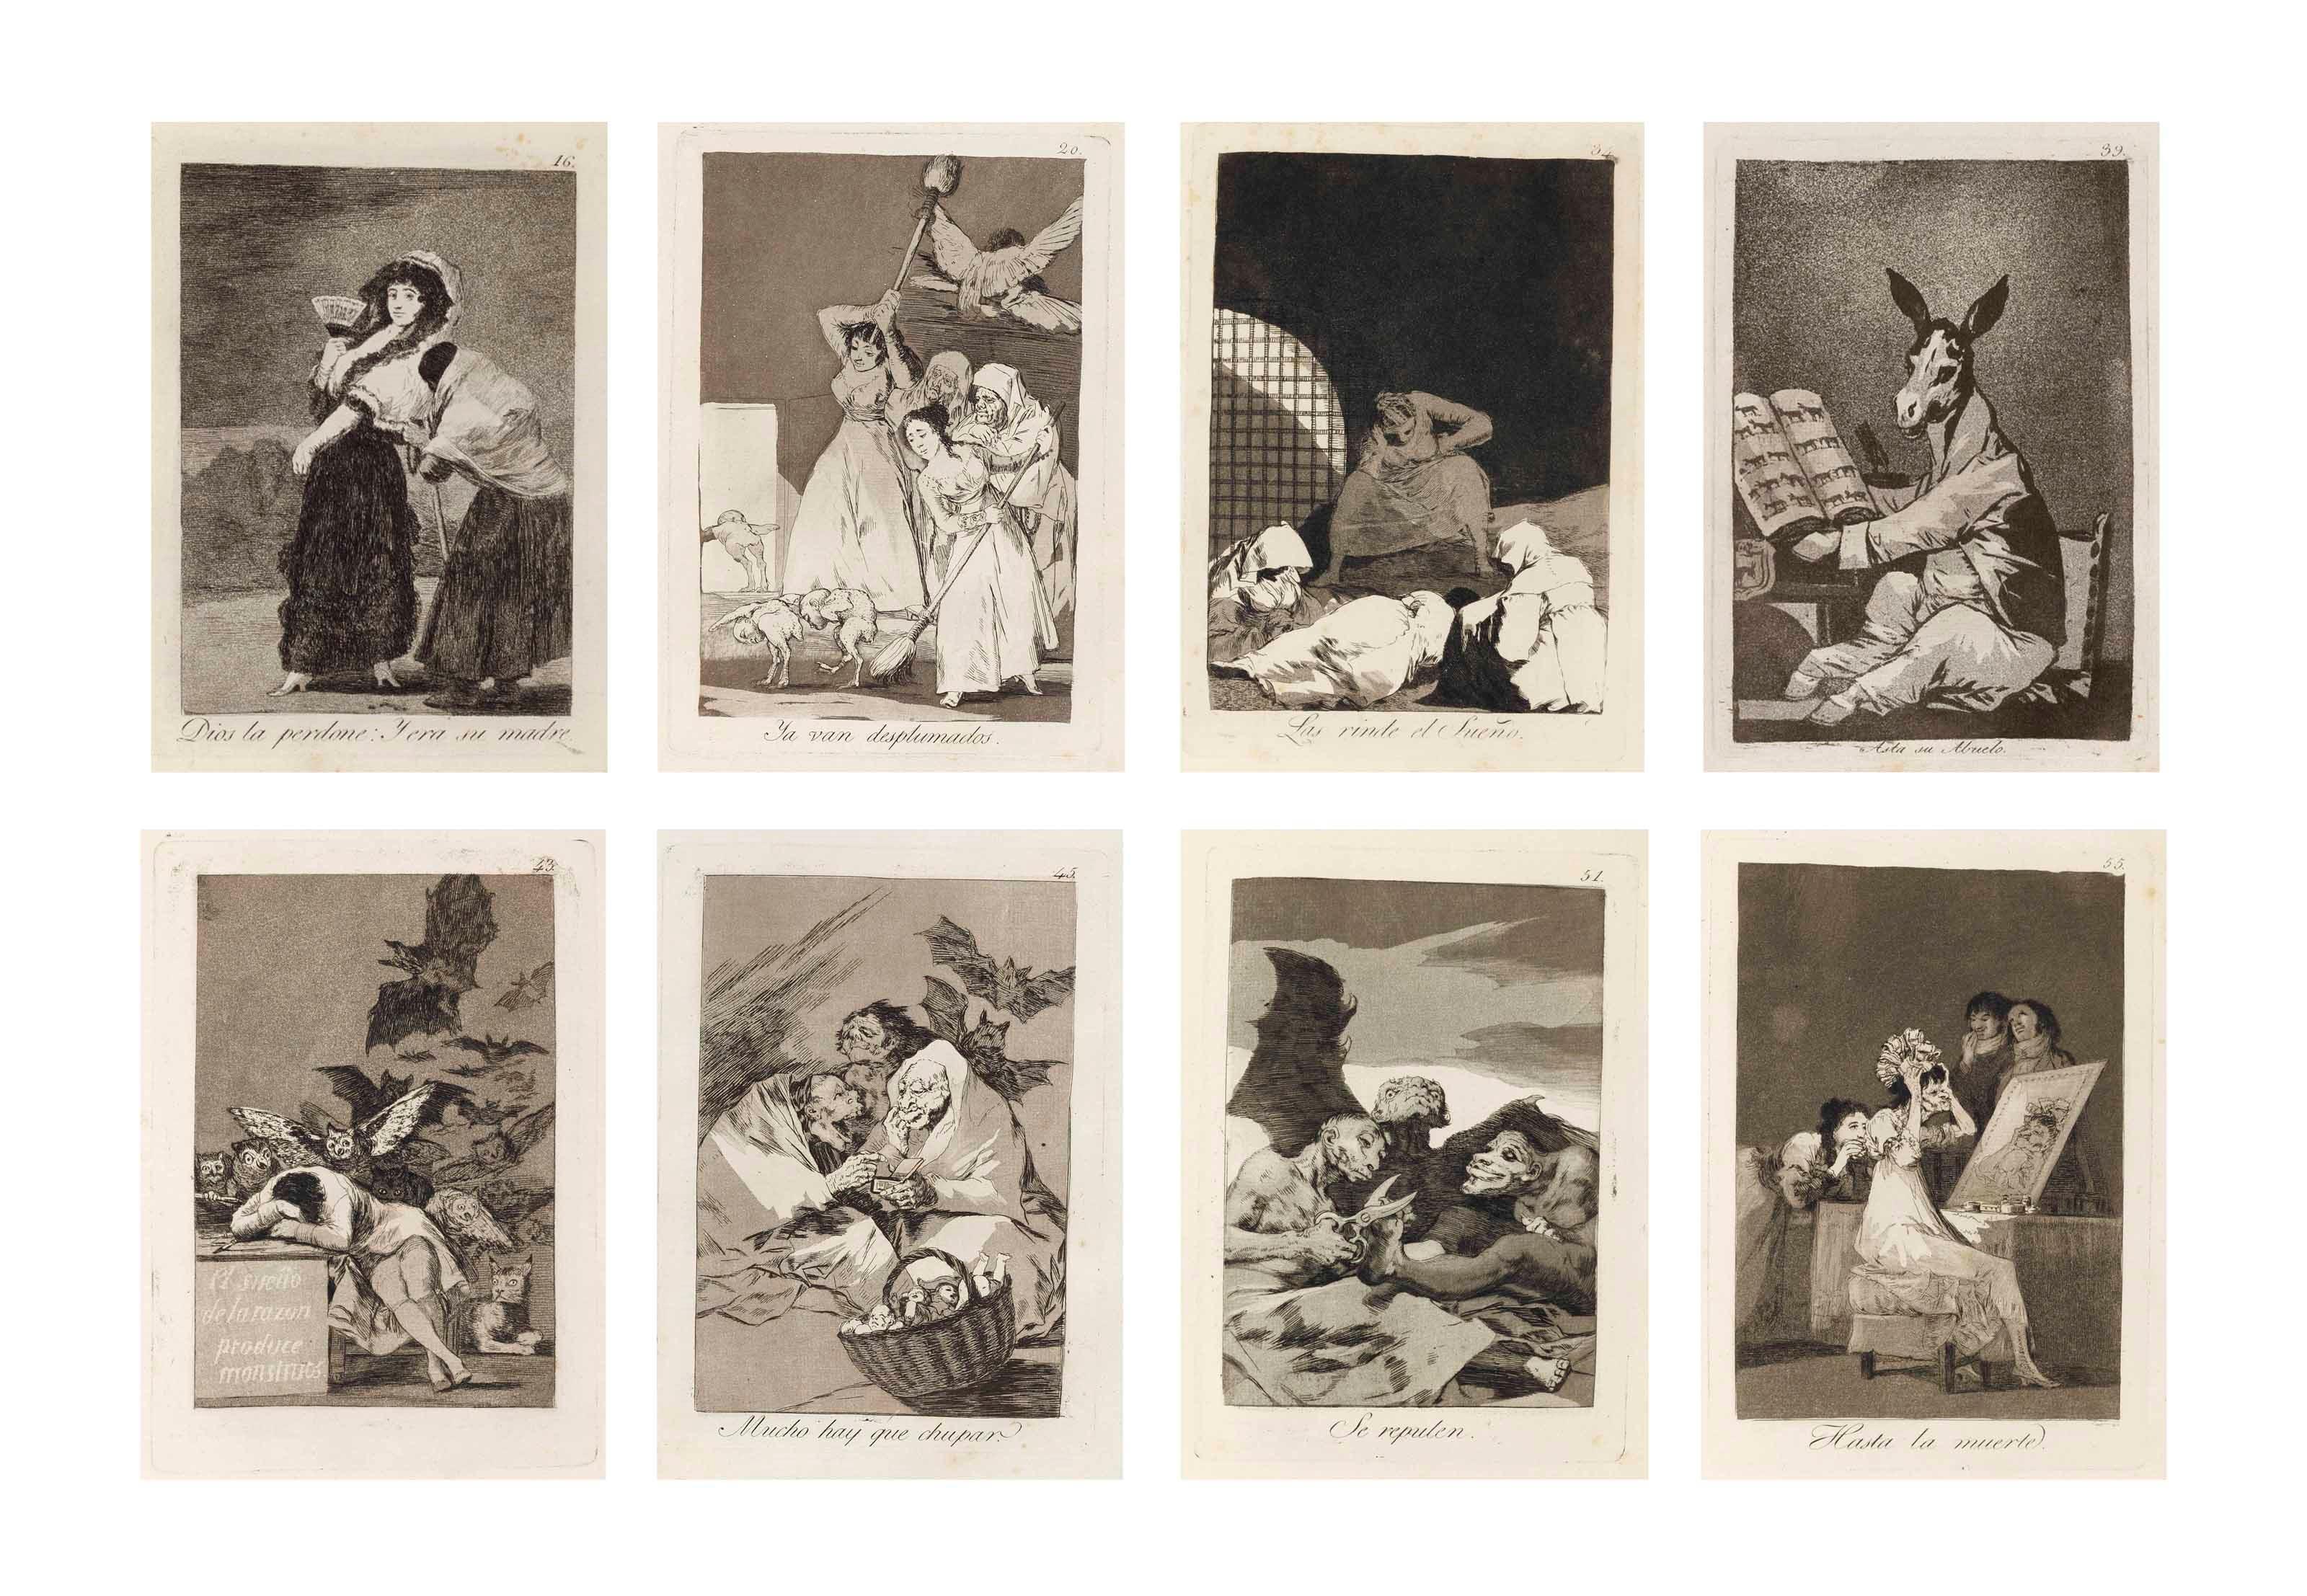 法兰西斯科·戈雅(1746-1828),《狂想曲》(D. 38-117; H. 36-115)。S 11⅞ x 7 1516 吋(302 x 202毫米)(整体)。此作与2014年1月28日在佳士得纽约售出,成交价1,445,000美元